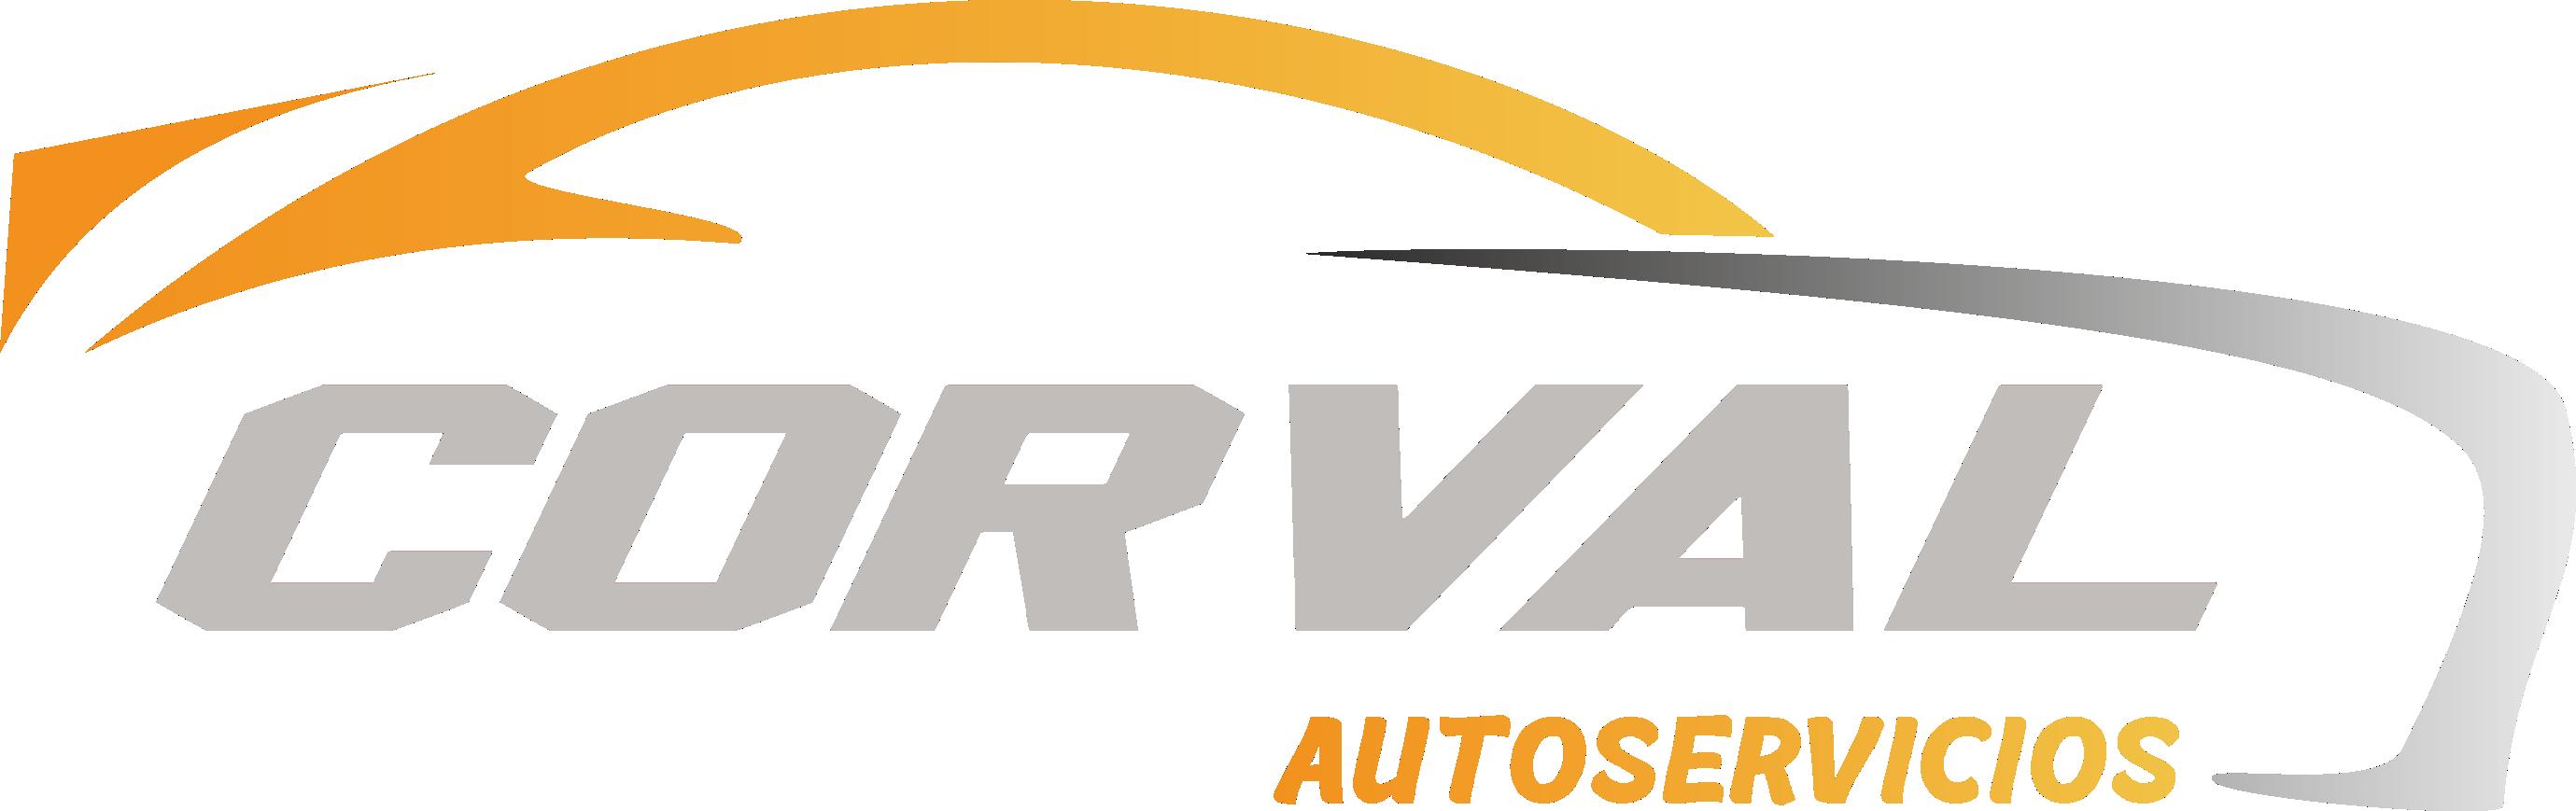 Corval Autoservicios